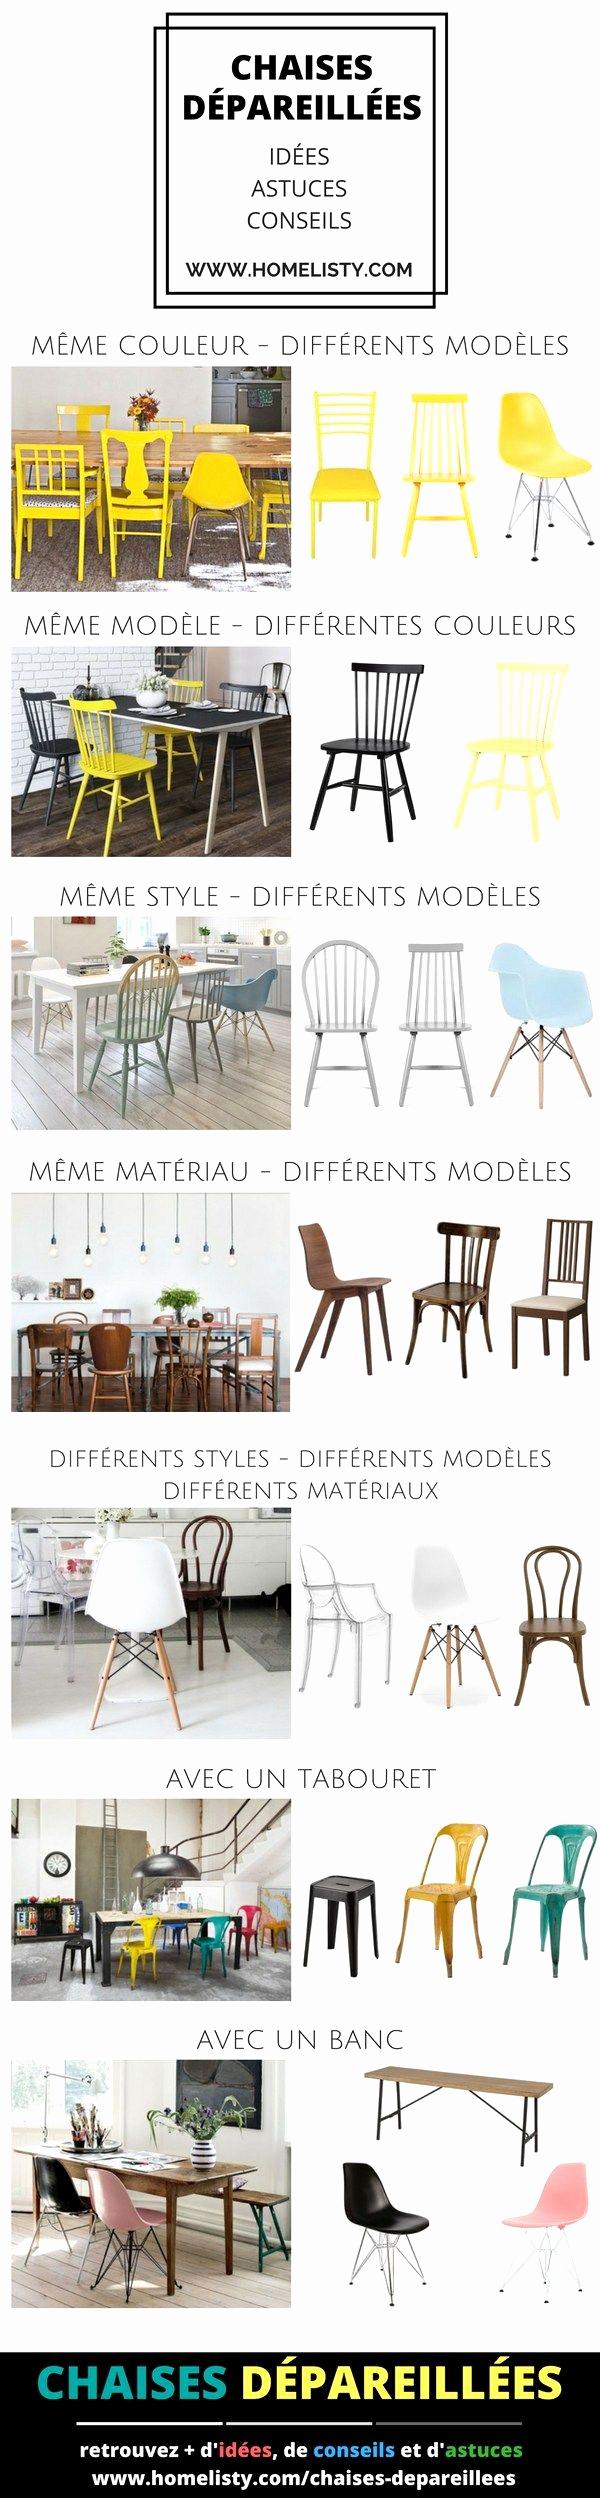 Cuisine Ikea Ringhult Nouveau Collection Acheter Une Cuisine Ikea Luxe Ikea Ringhult Kitchen Drawers Google